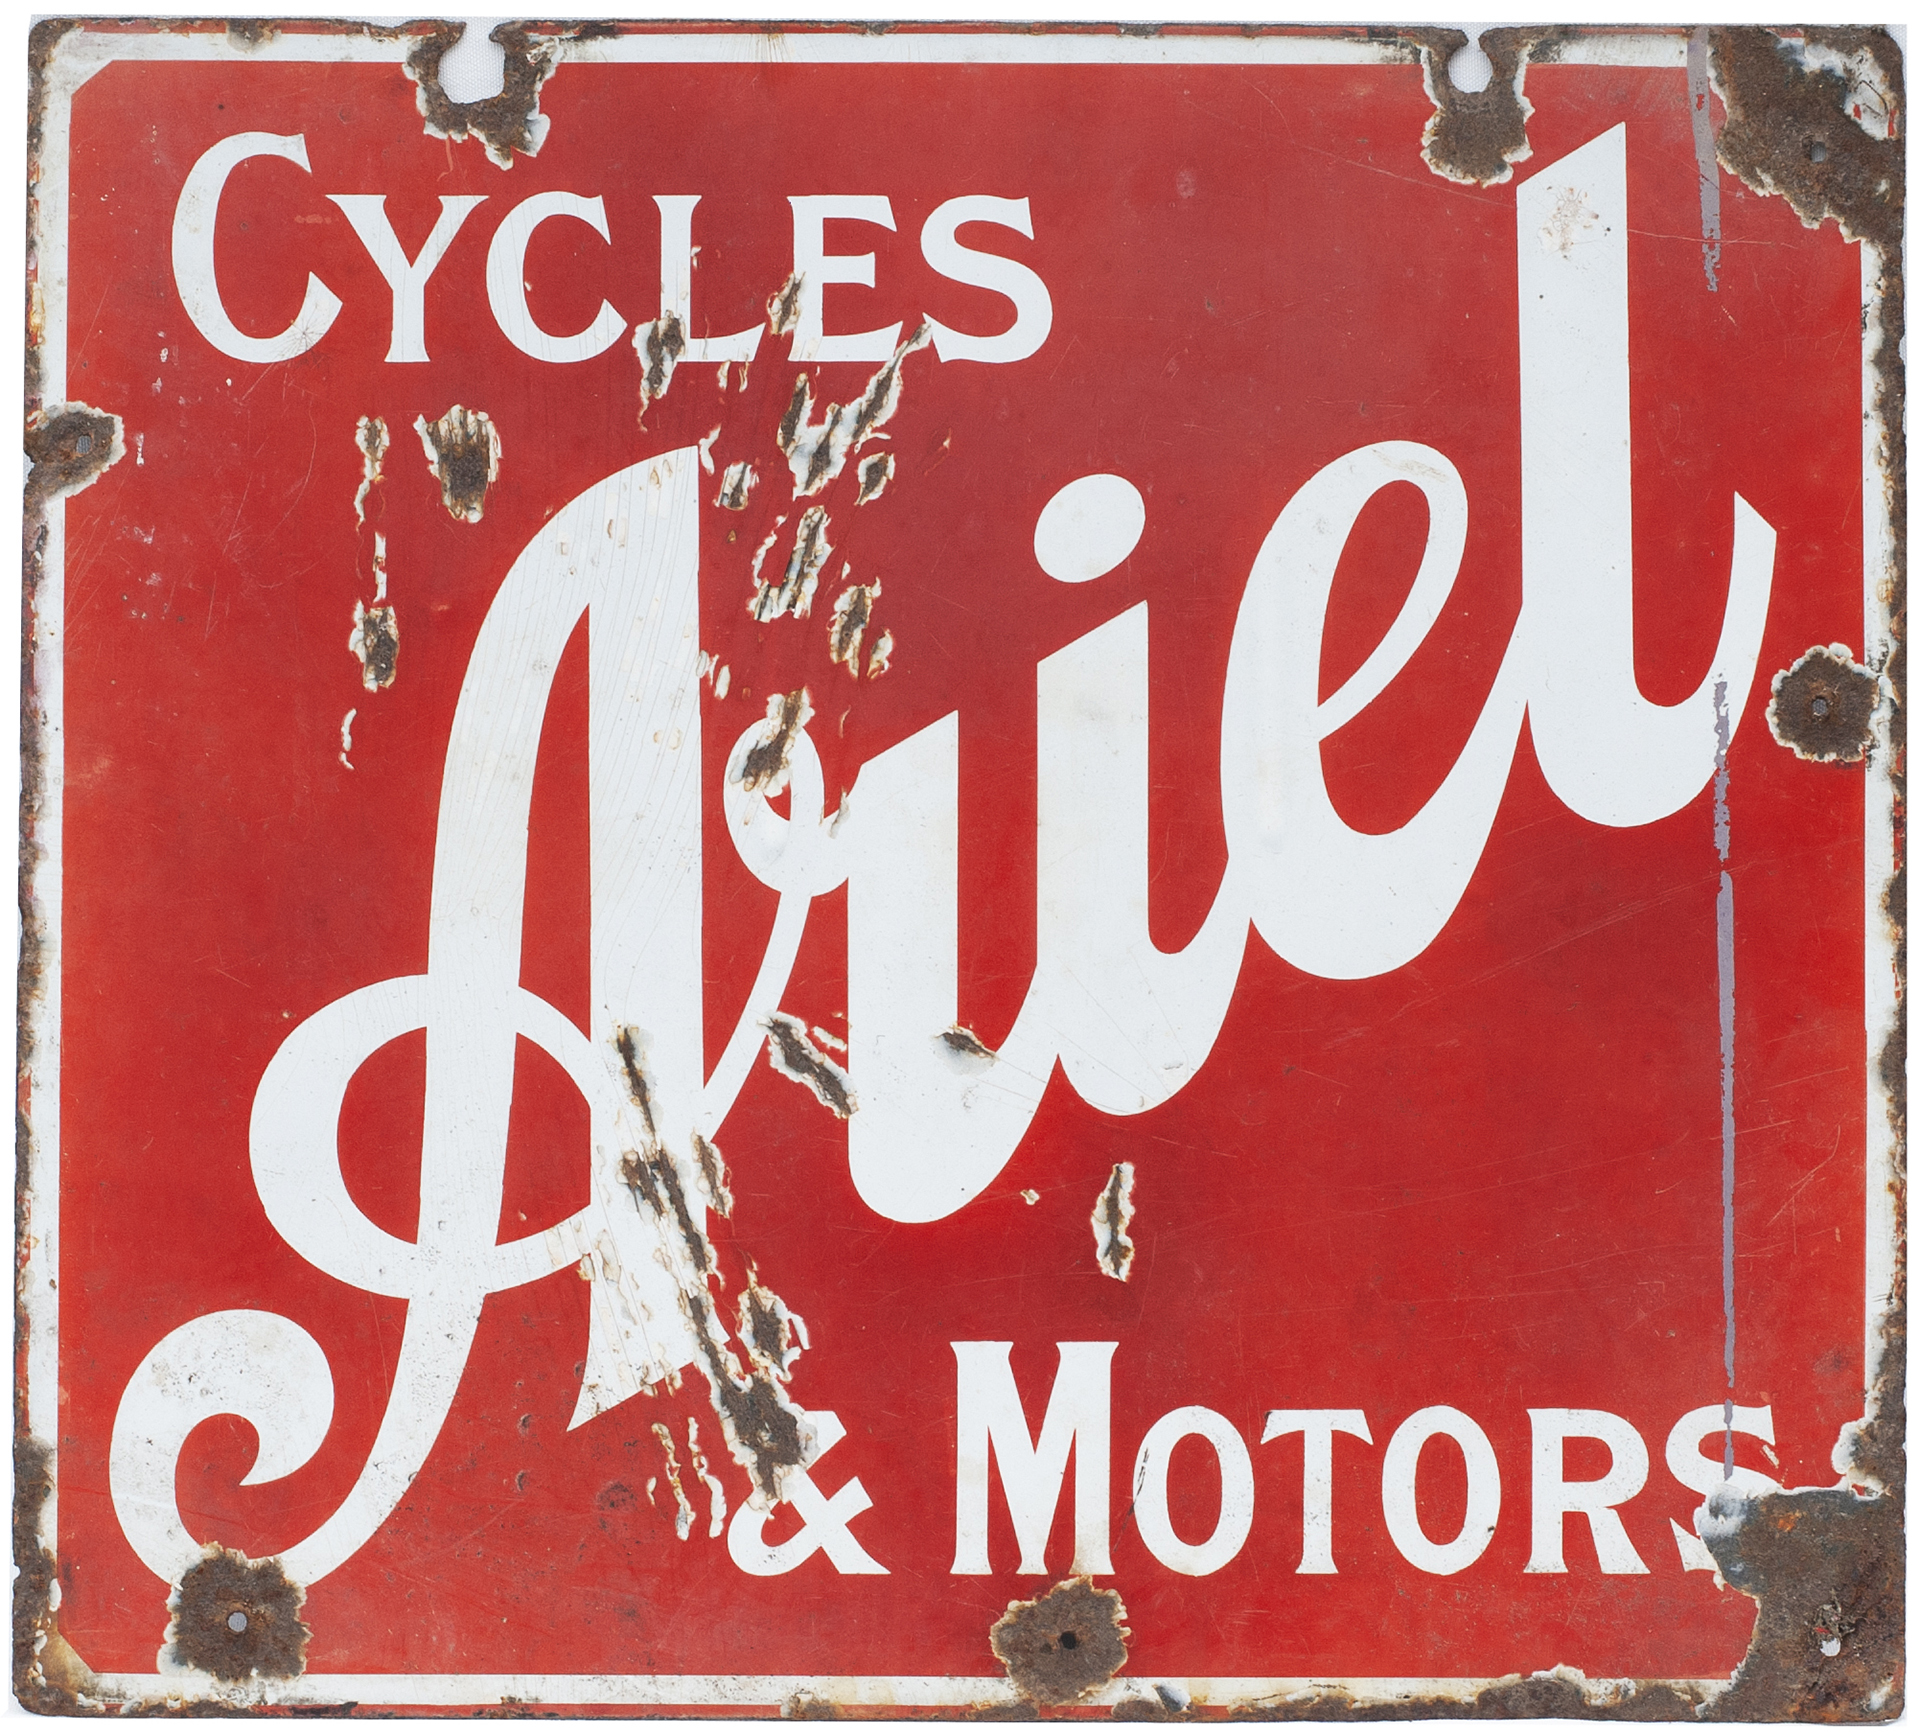 Advertising Enamel Sign ARIEL CYCLES & MOTORS. In